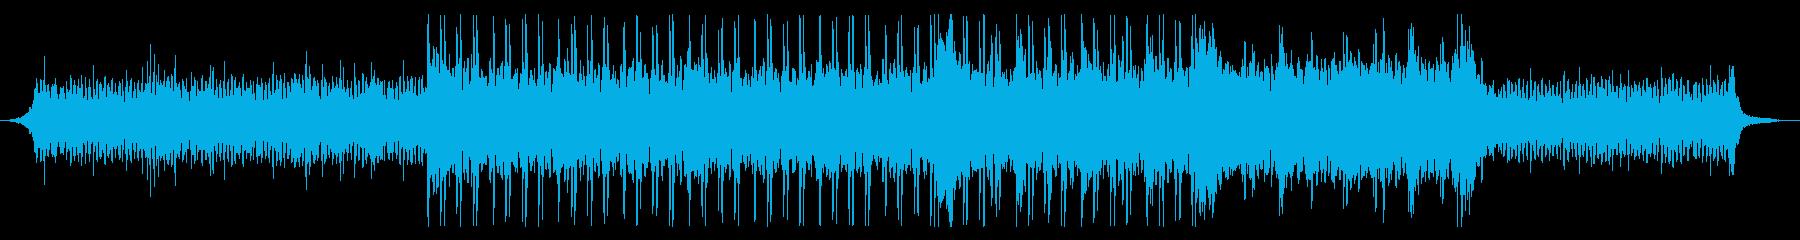 和風楽器・スローなヒップホップの再生済みの波形